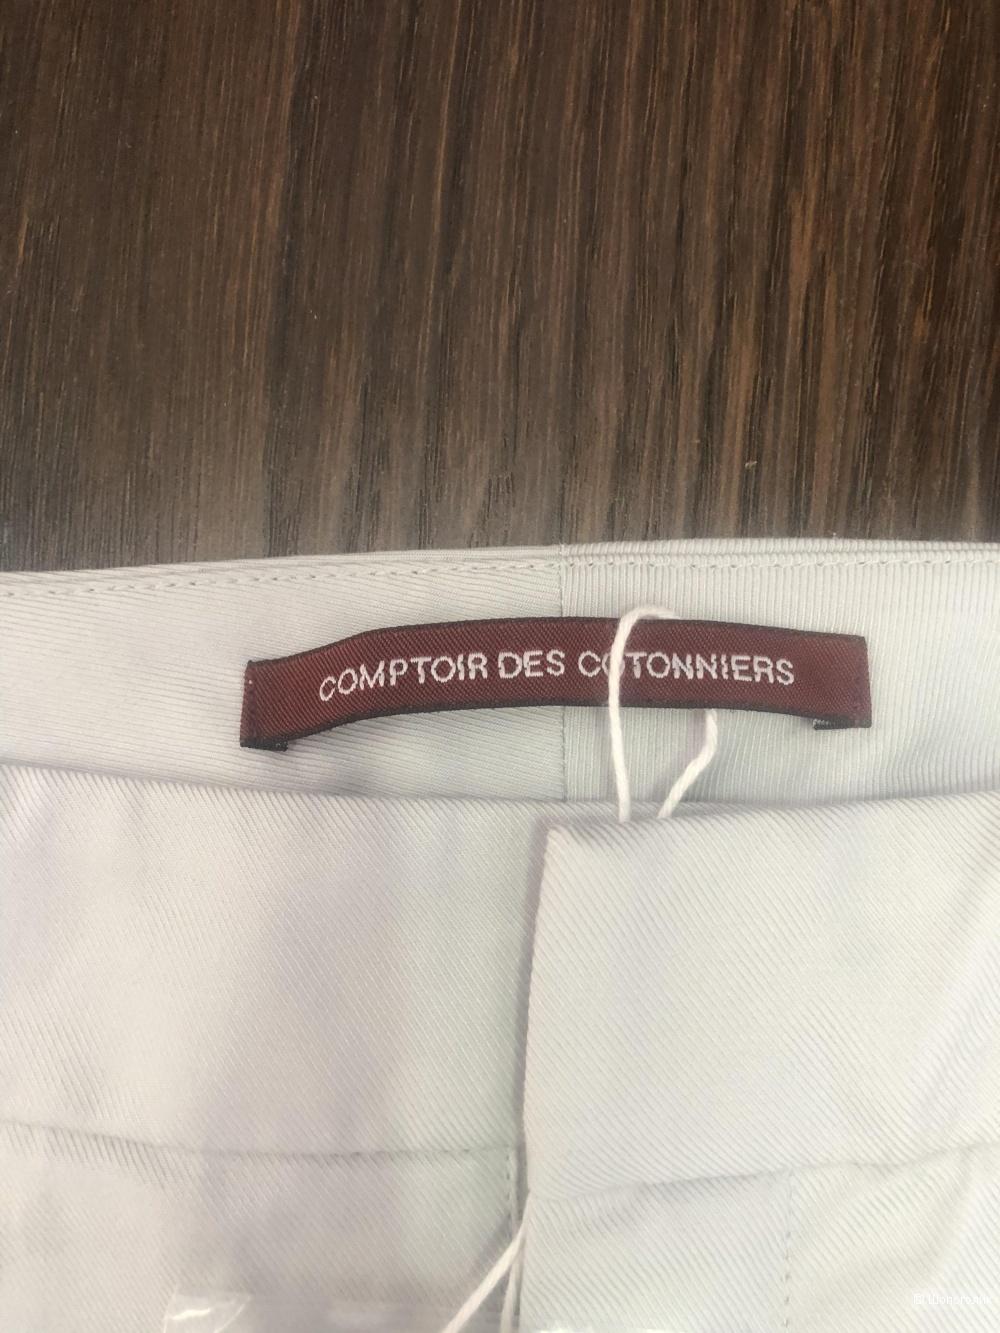 Брюки Comptoir des Cotonniers 44/46 рос